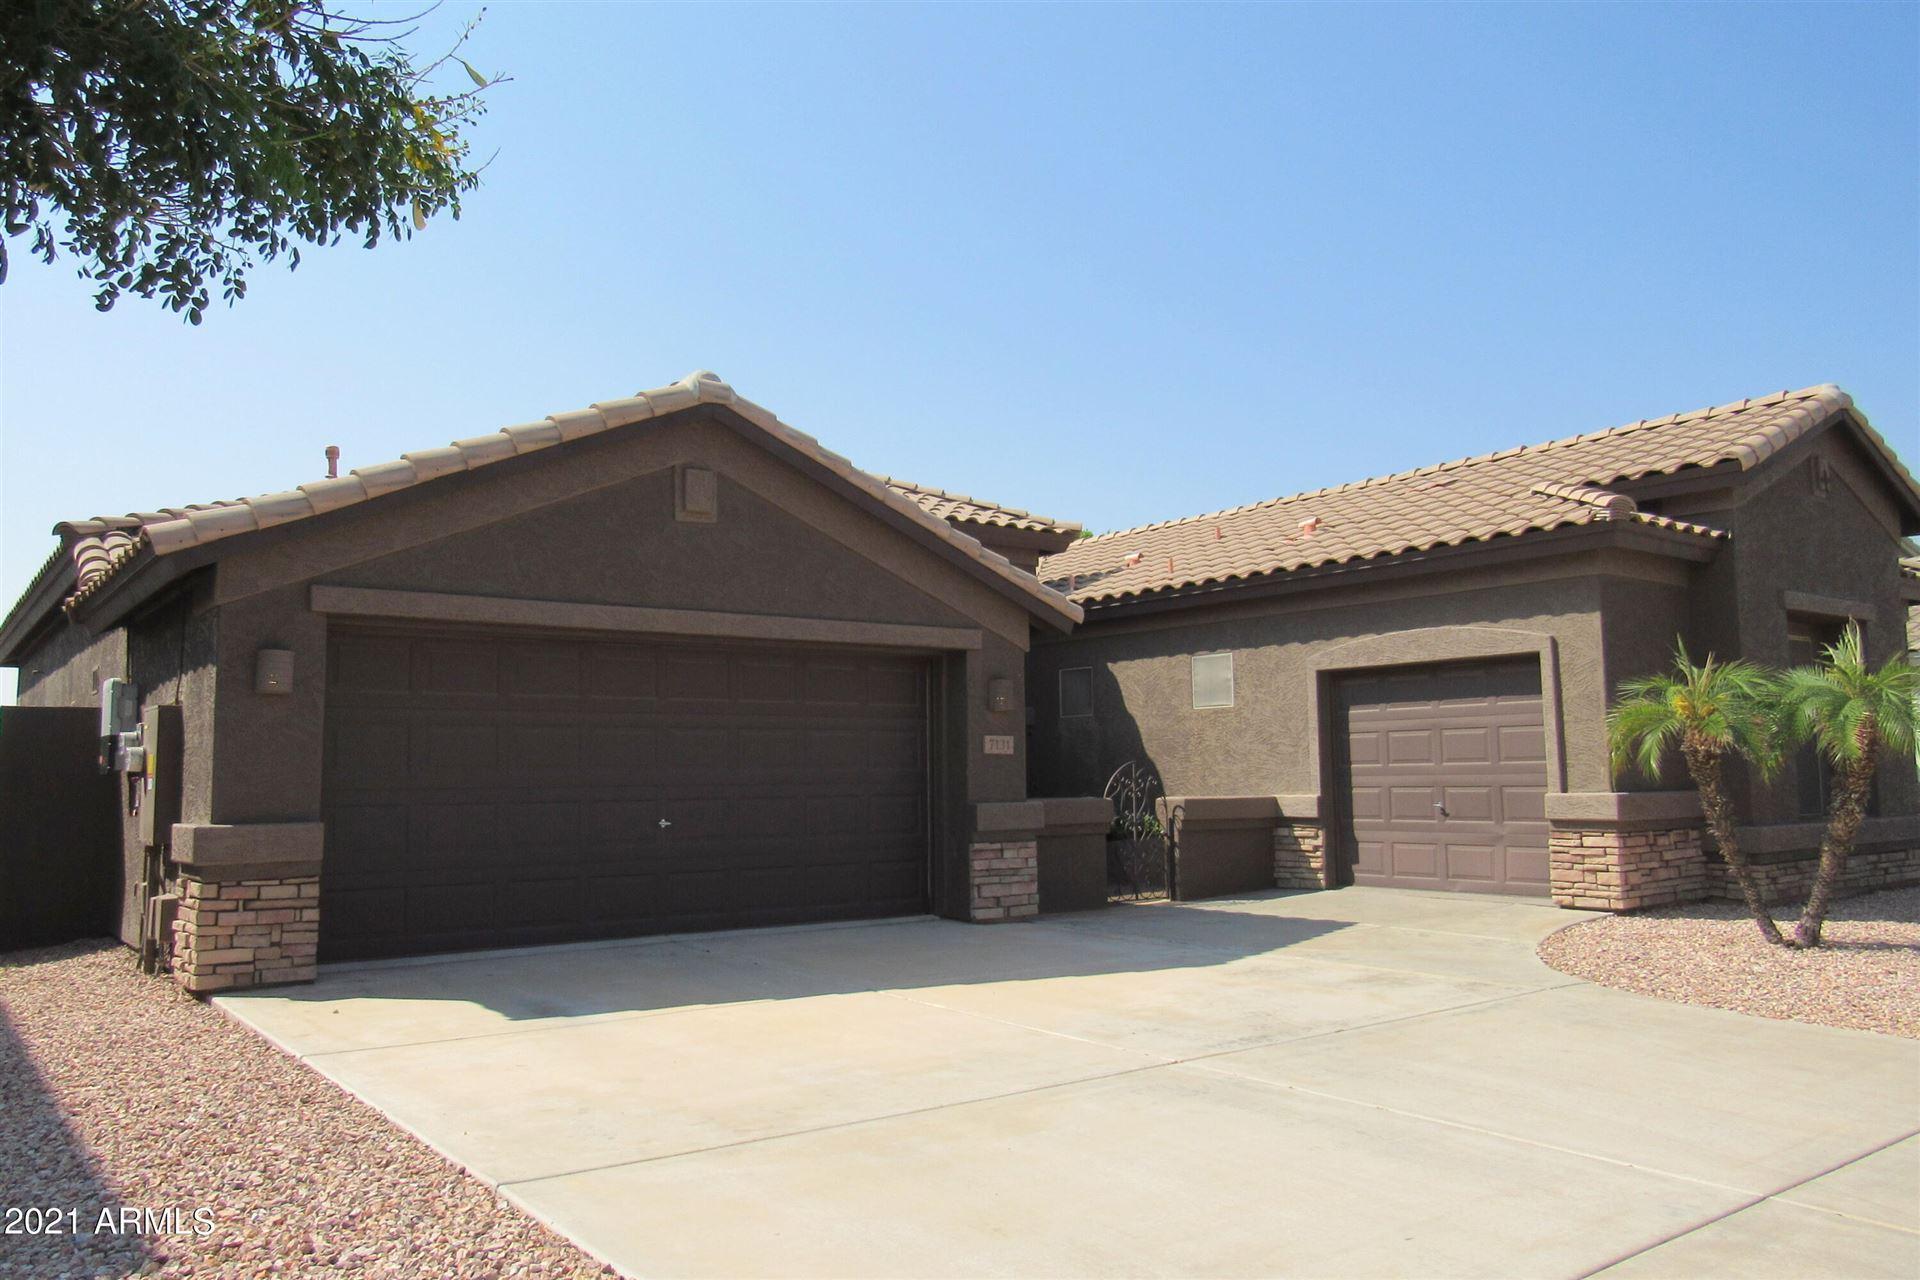 7131 W COTTONTAIL Lane, Peoria, AZ 85383 - MLS#: 6294160